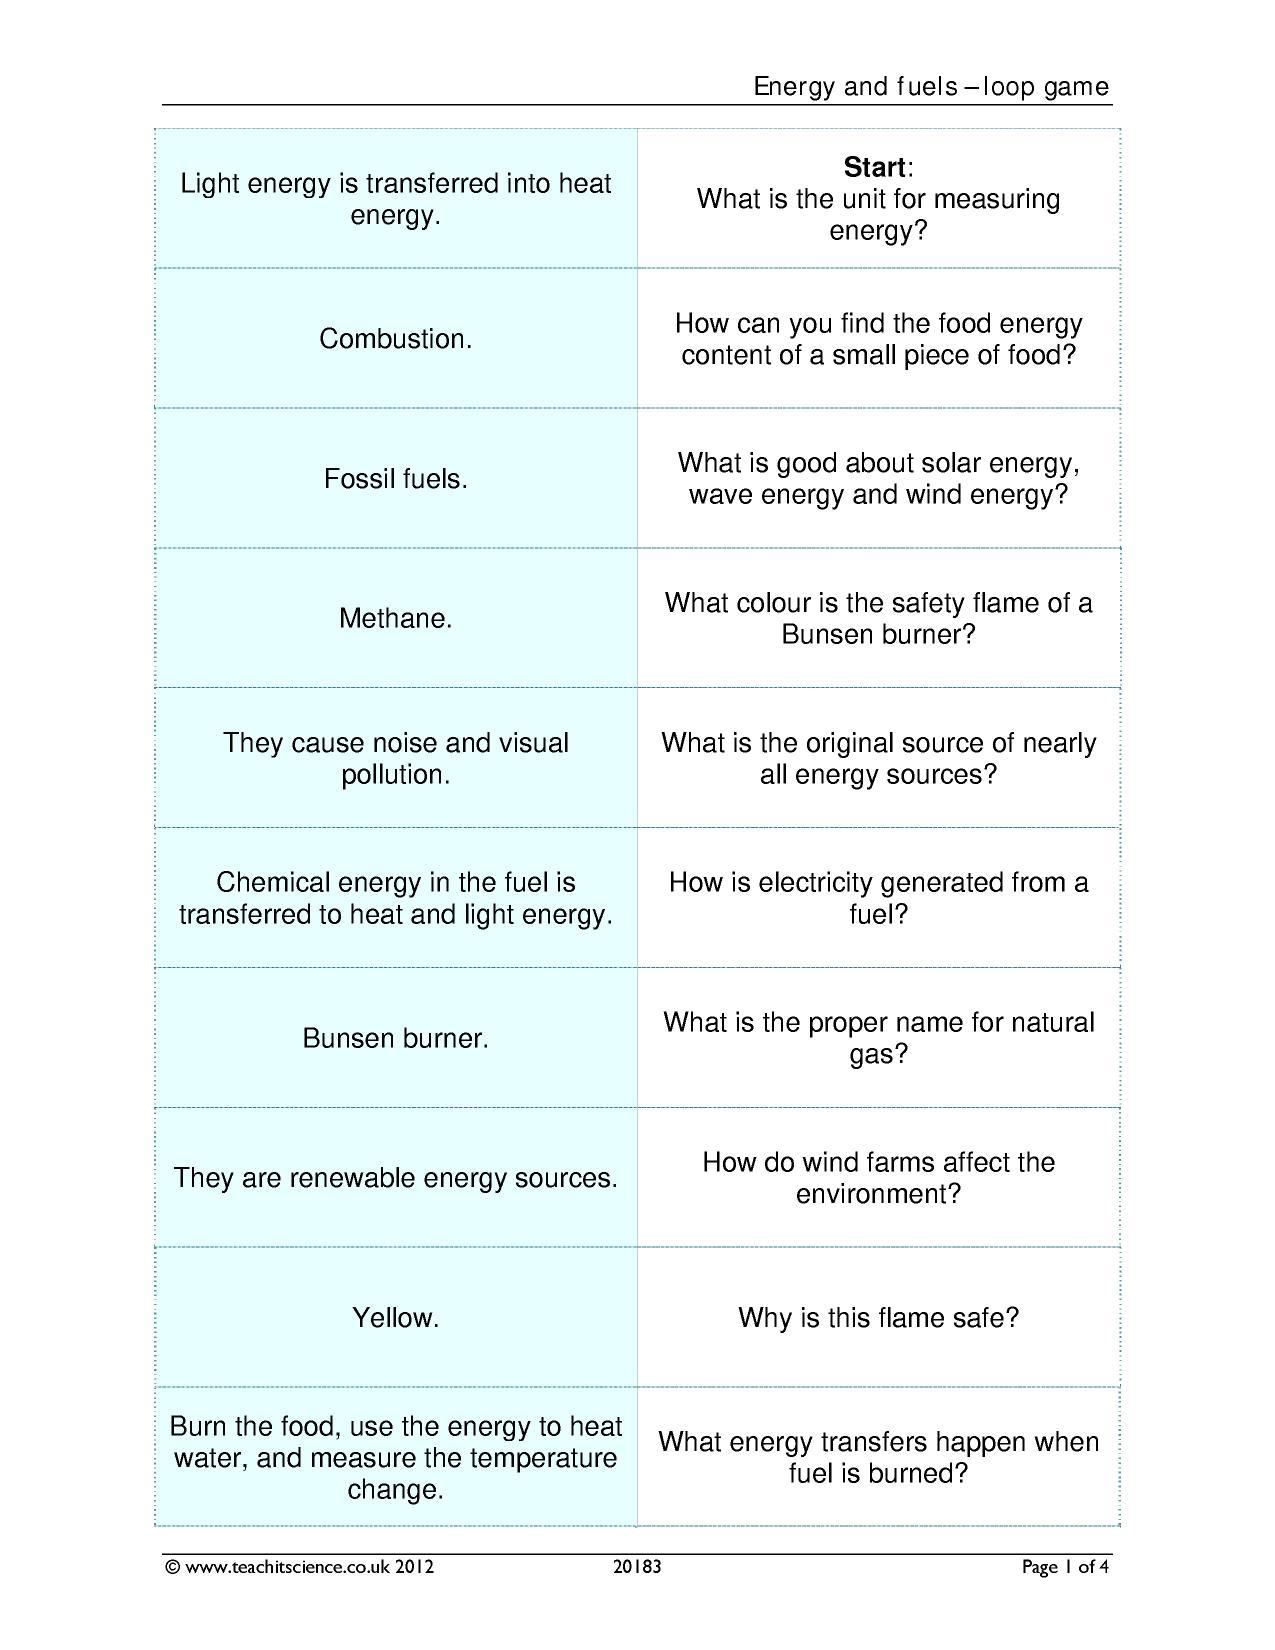 Energy Efficiency Worksheet Ks3 Kidz Activities Circuit Diagram Teachit Science